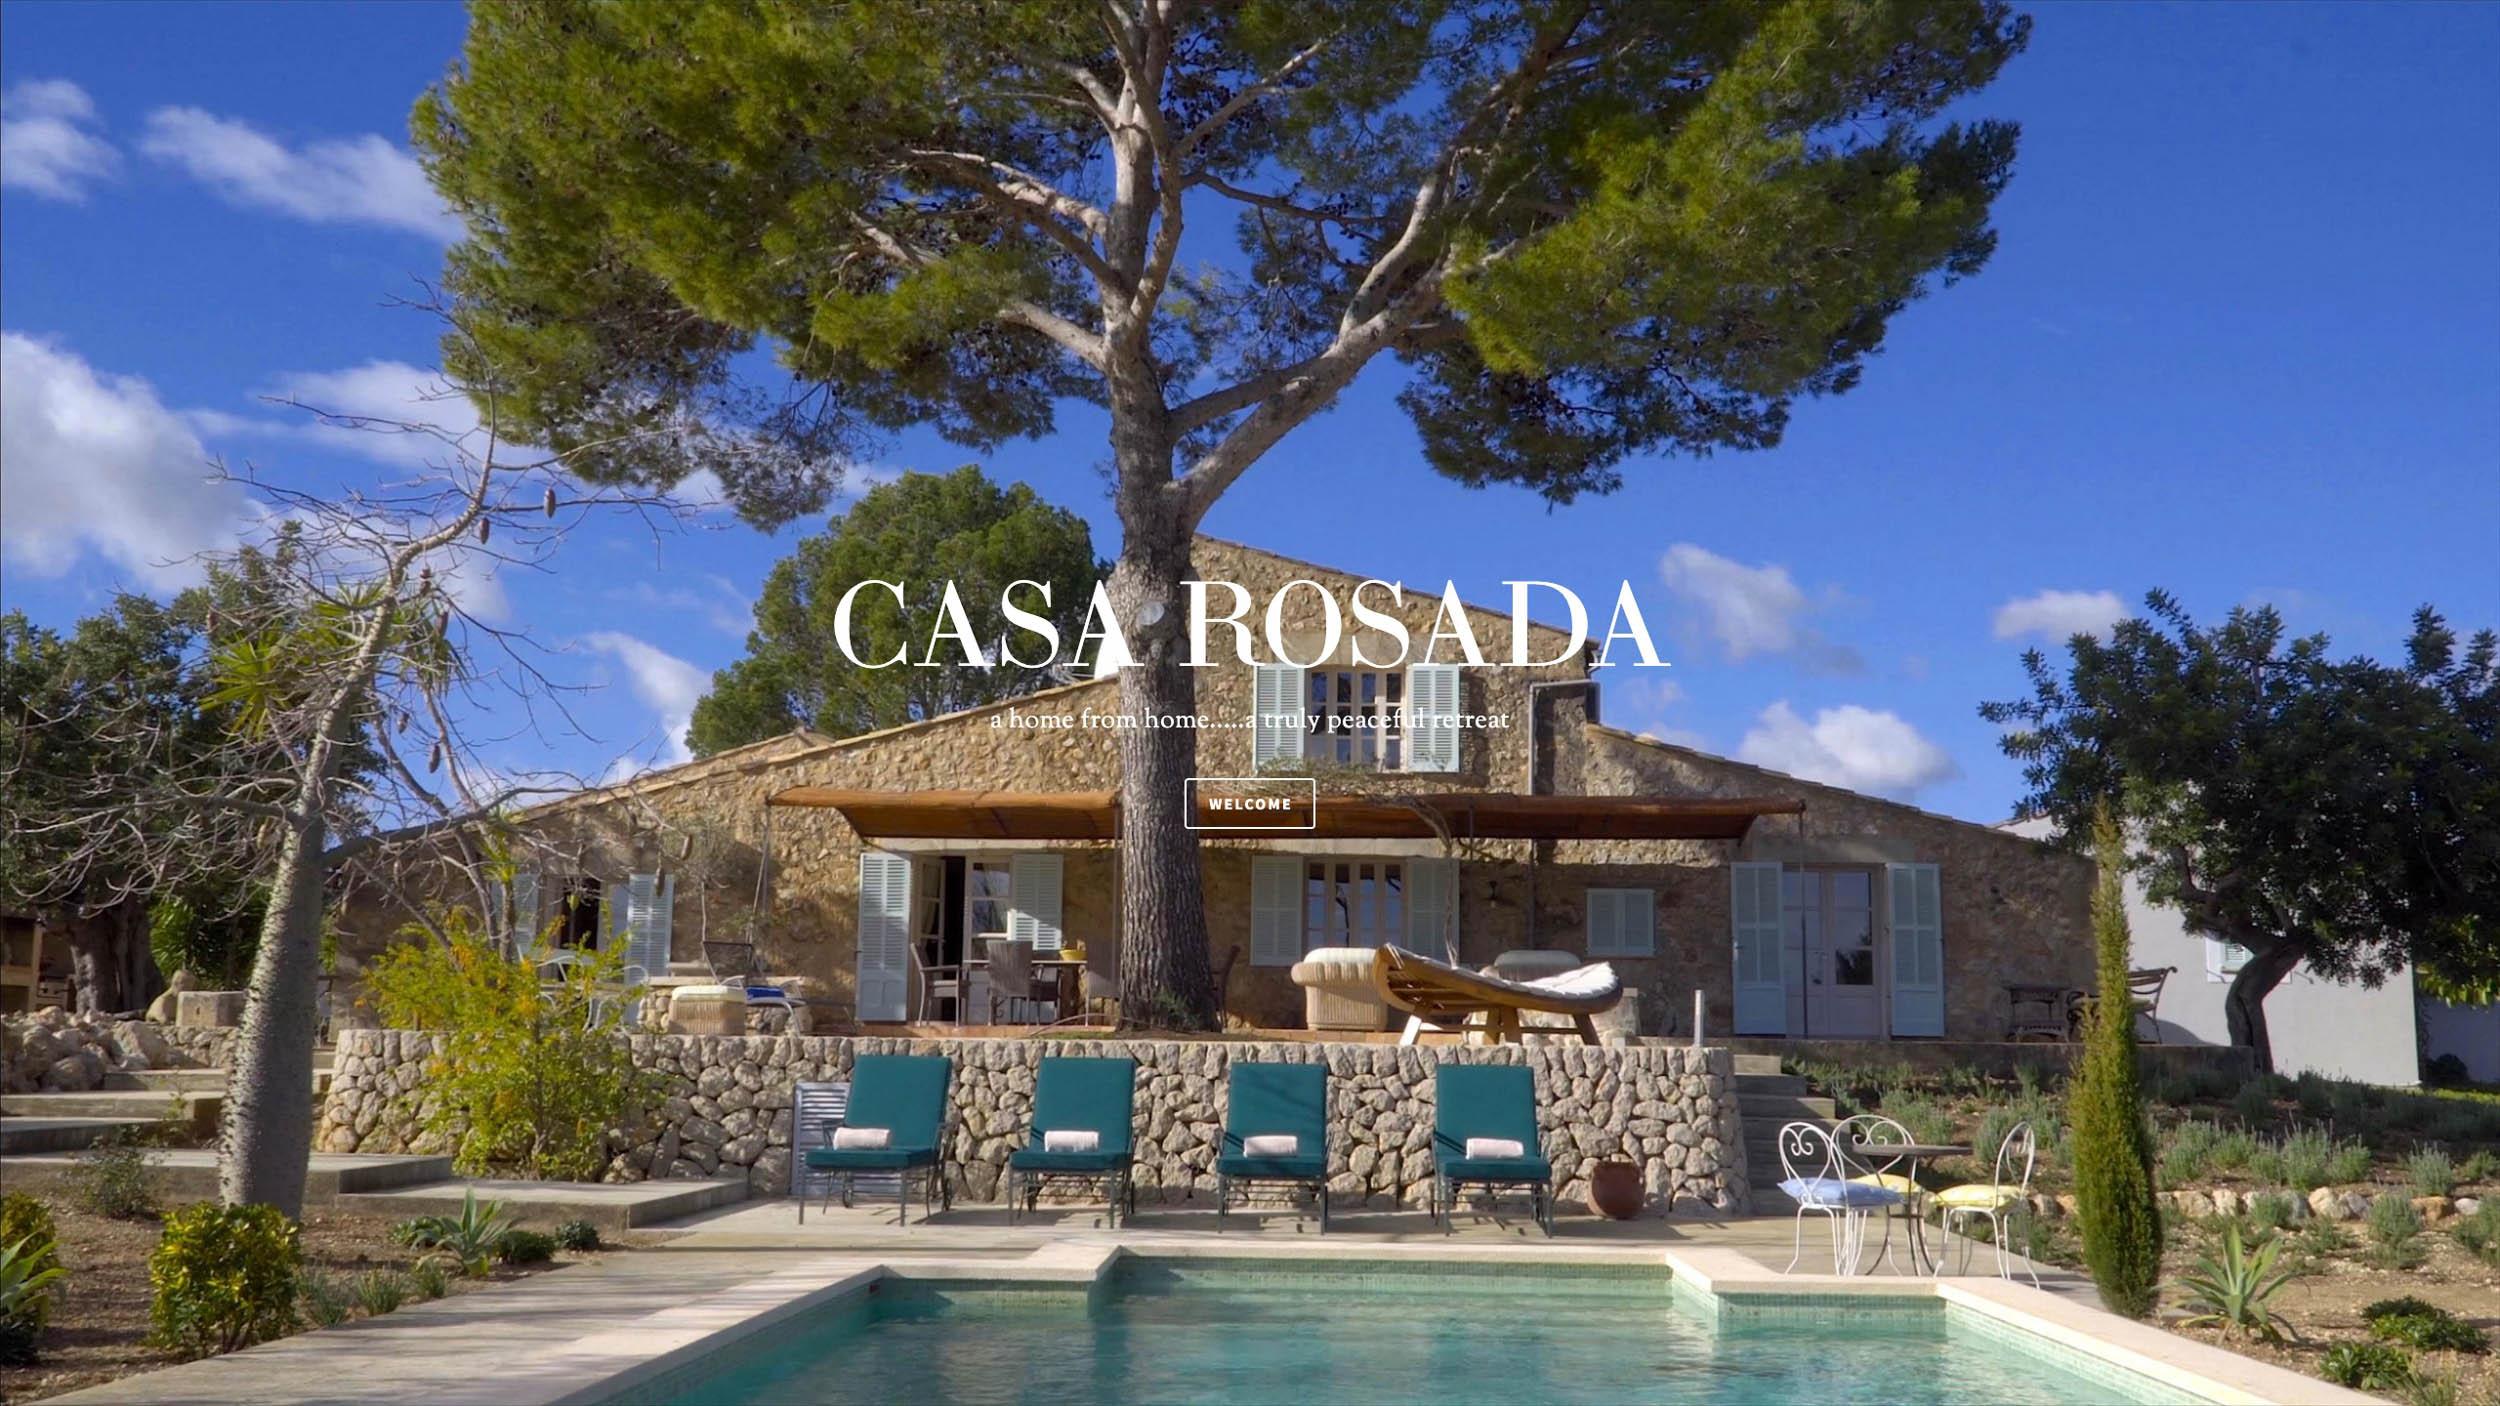 CASA ROSADA WEB_01.jpg